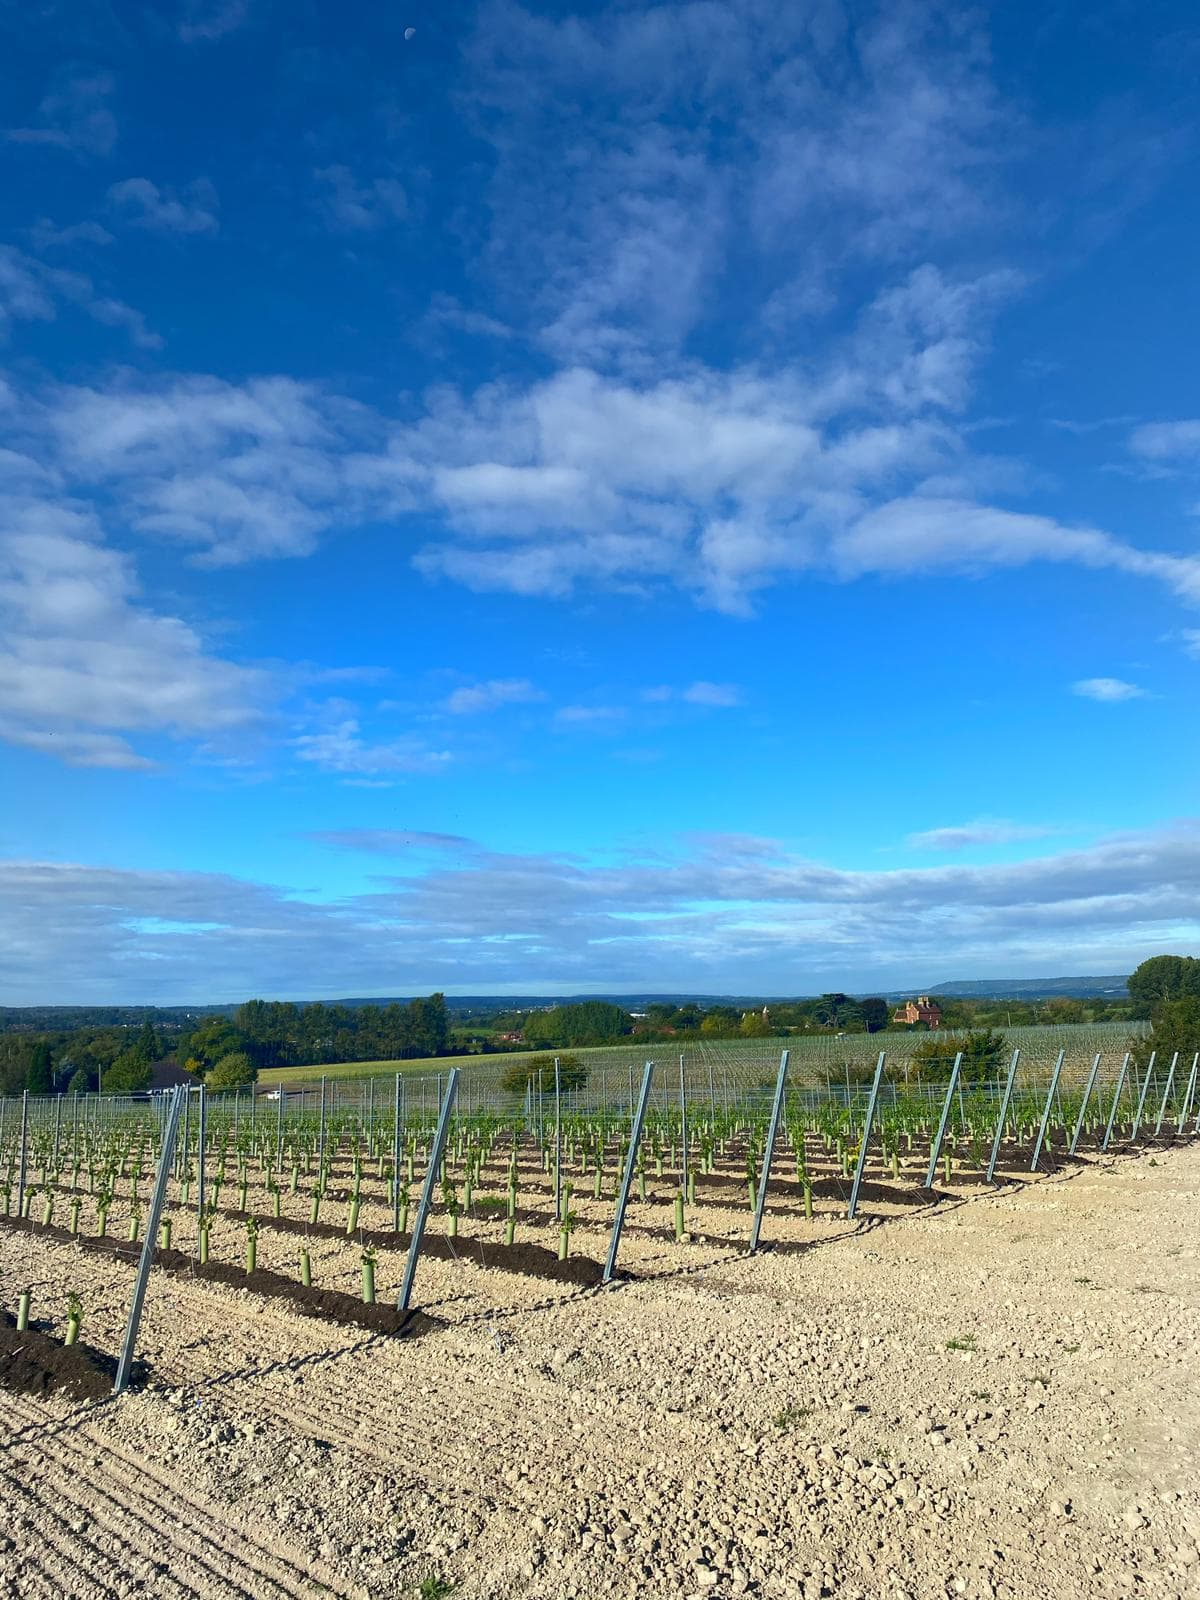 Vineyard Planning & Design